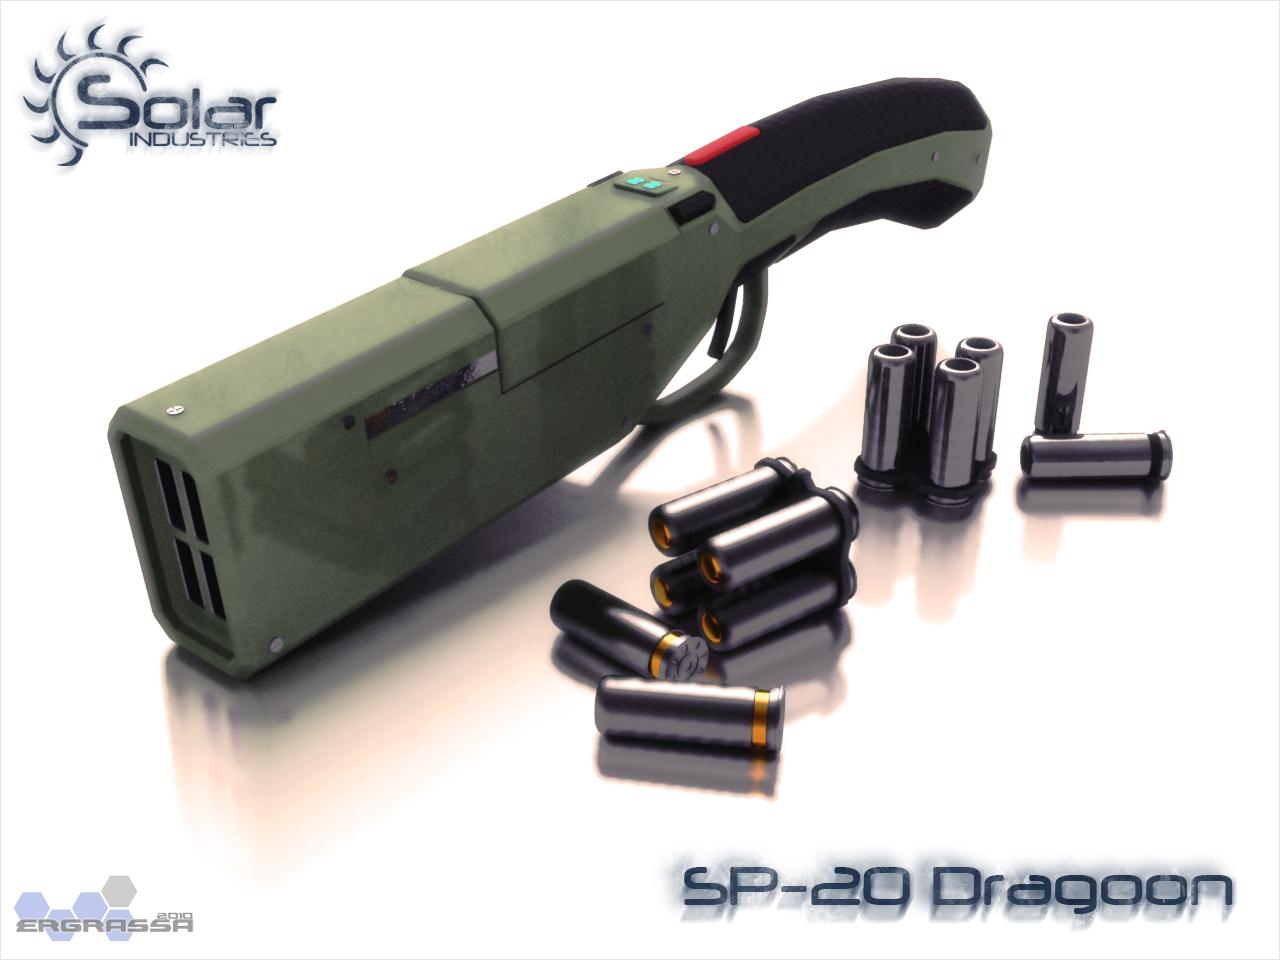 SP-20 Dragoon by Ergrassa